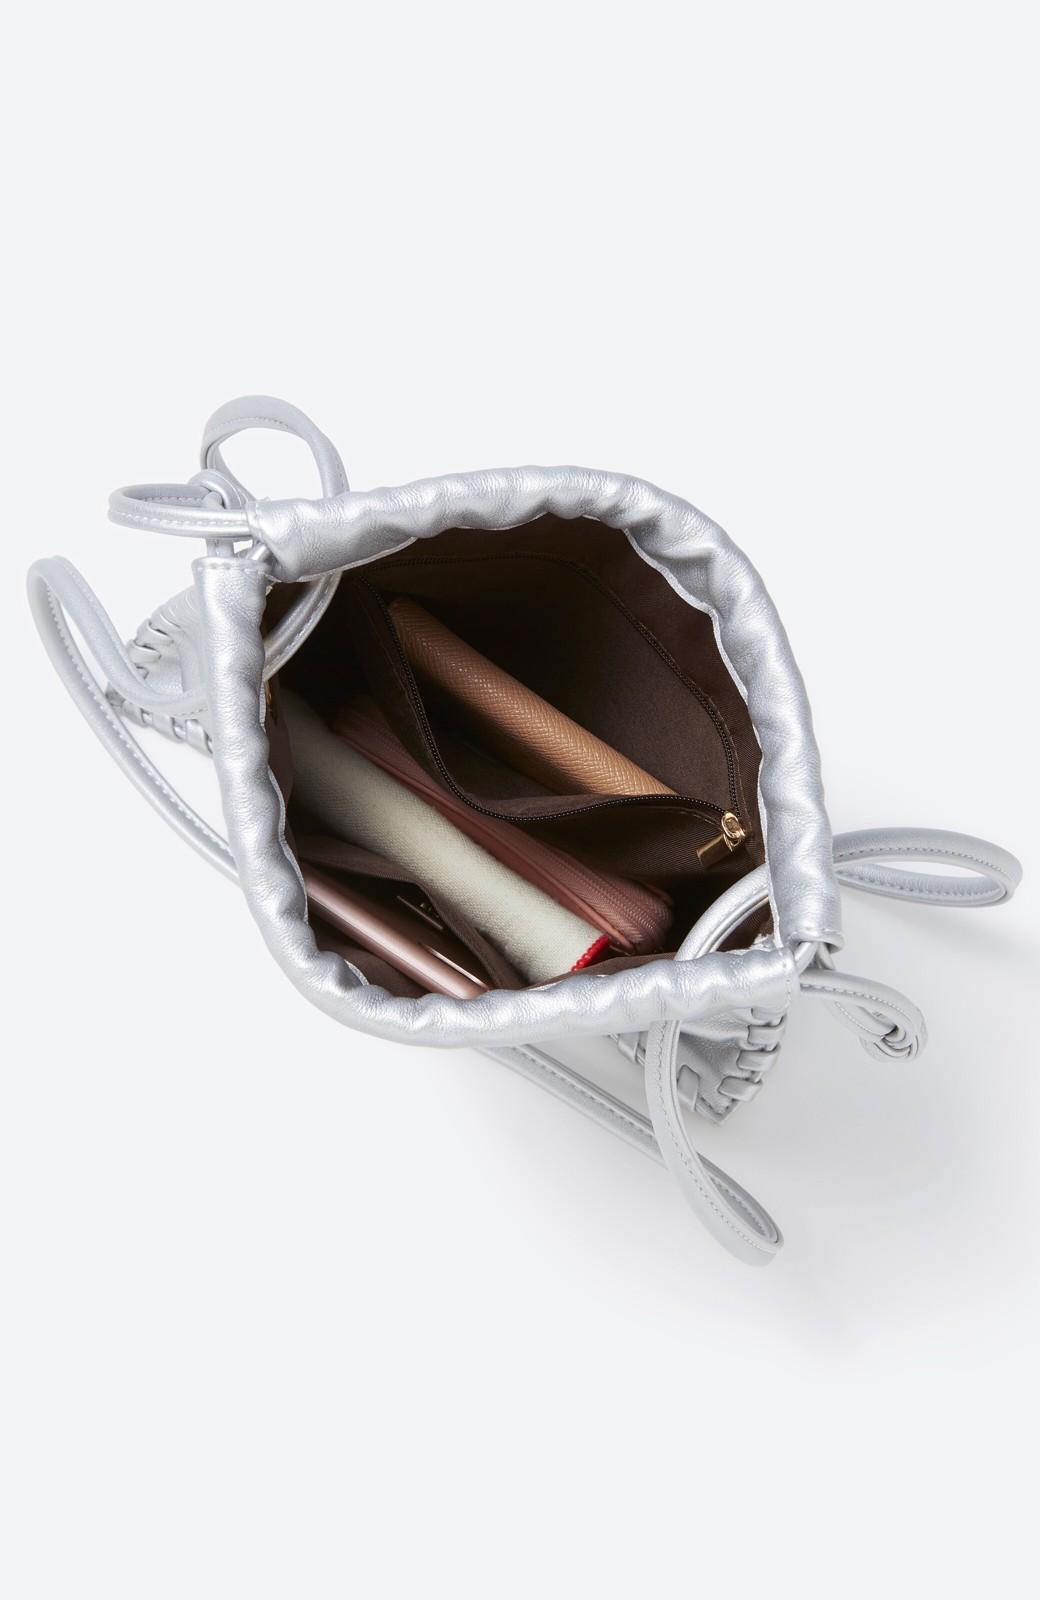 haco! スマホもお財布もちゃんと入ってコーデのポイントになる 2WAYミニポシェット <シルバー>の商品写真18